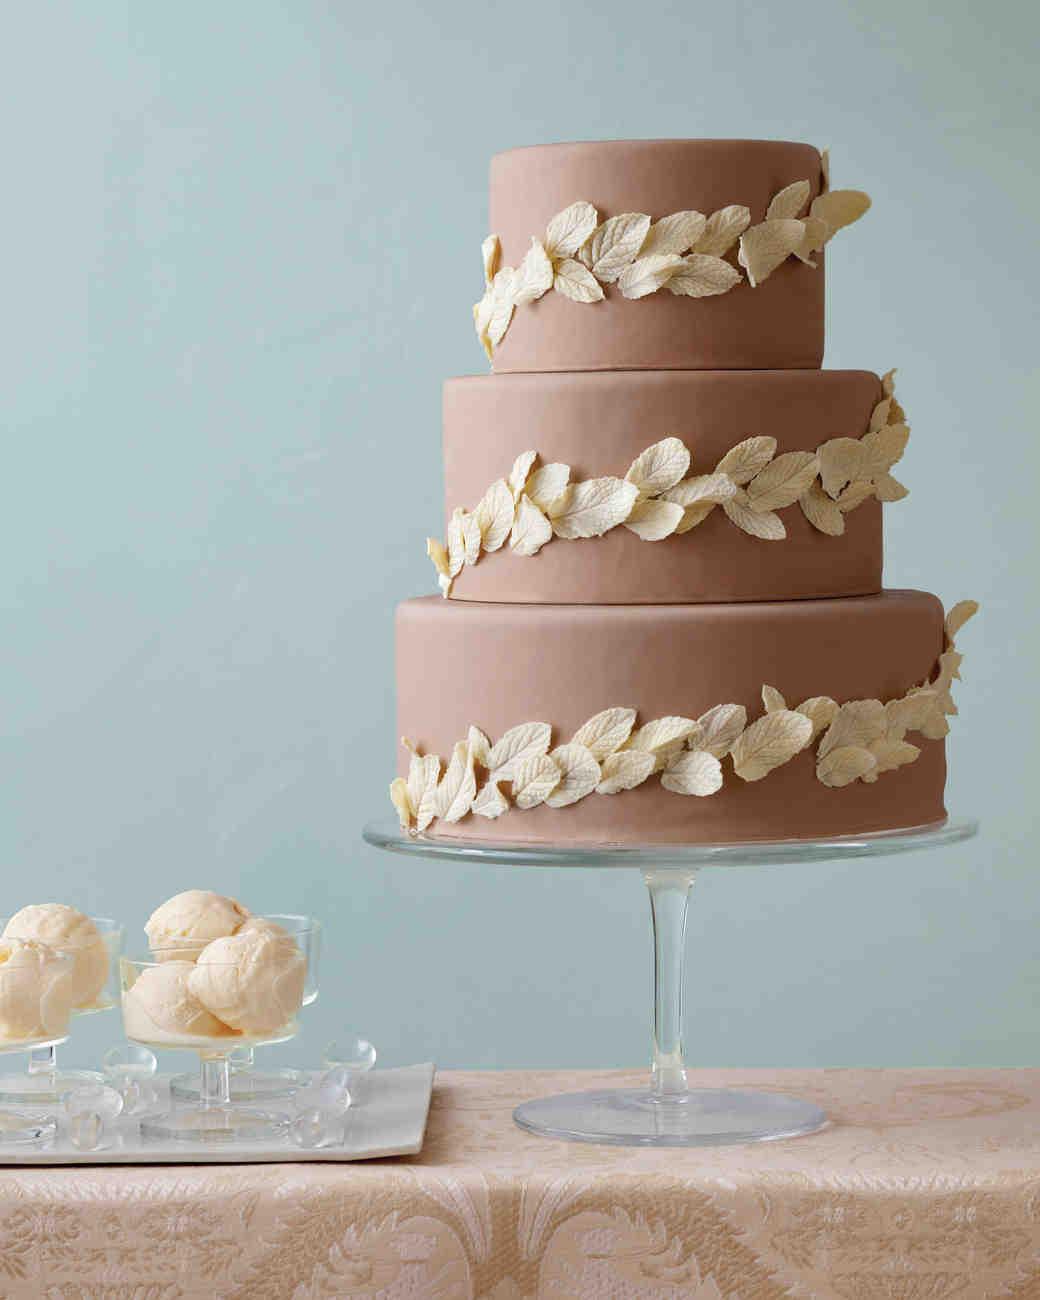 Chocolate Leaf Wedding Cake